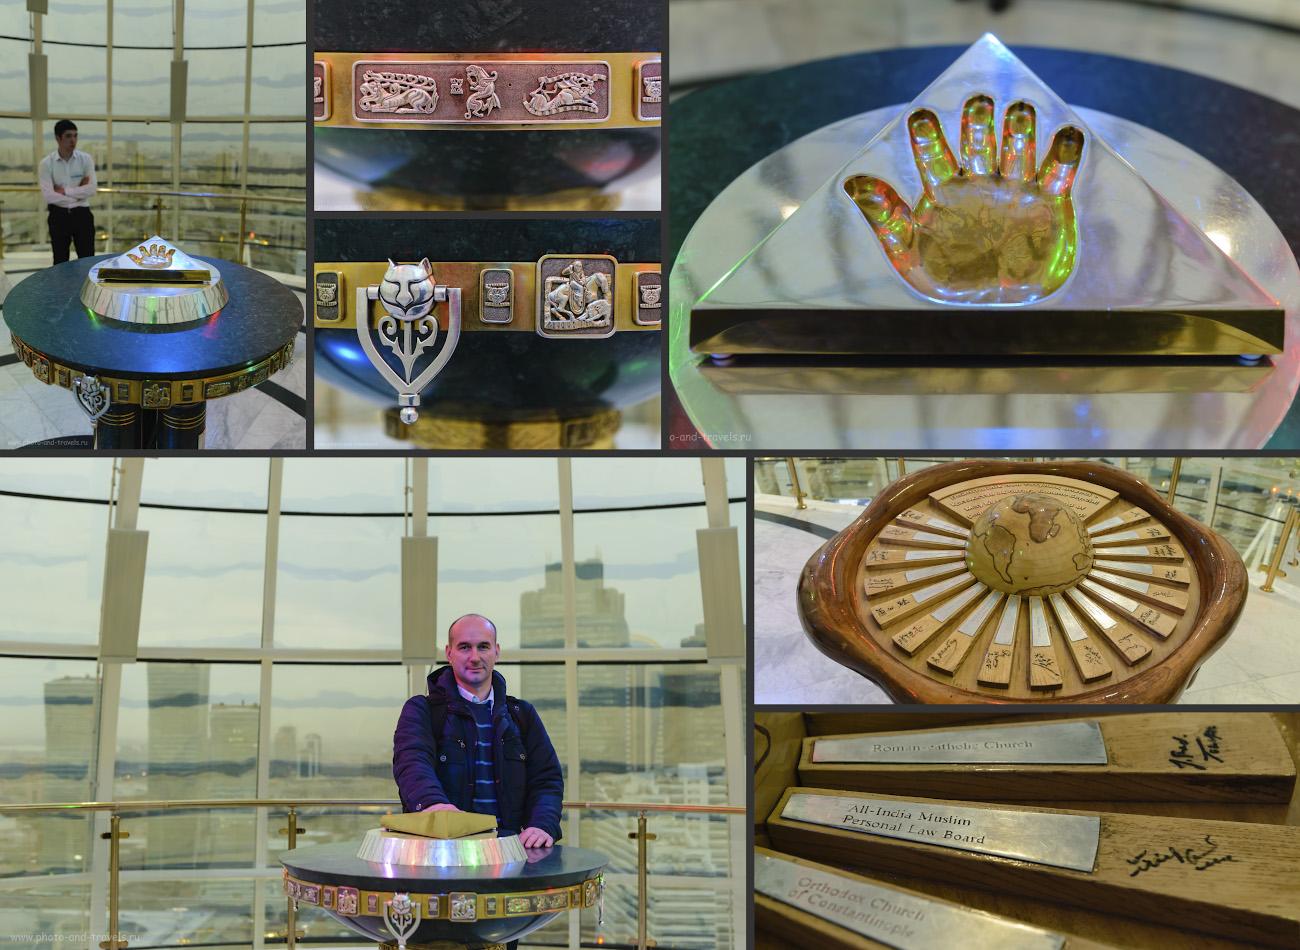 Фотография 9. Отпечаток ладони президента в Казахстане – «Заботливая рука». Глобус с подписями представителей религиозных общин мира. Отзыв об экскурсии в «Байтерек» – главную достопримечательность Астаны.